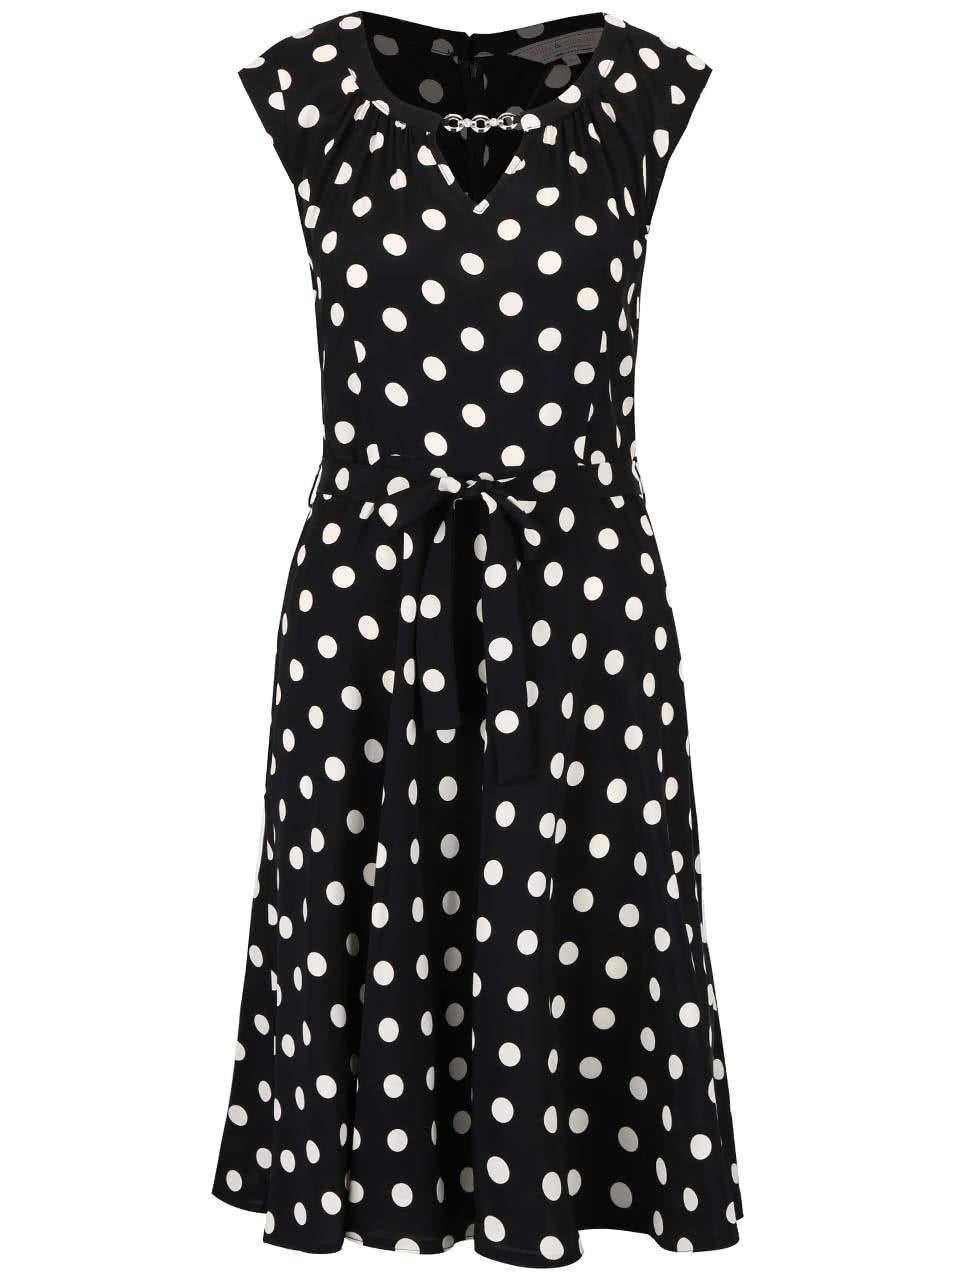 e95bf6fb53a5 Čierne šaty s bielymi bodkami a ozdobou Dorothy Perkins ...